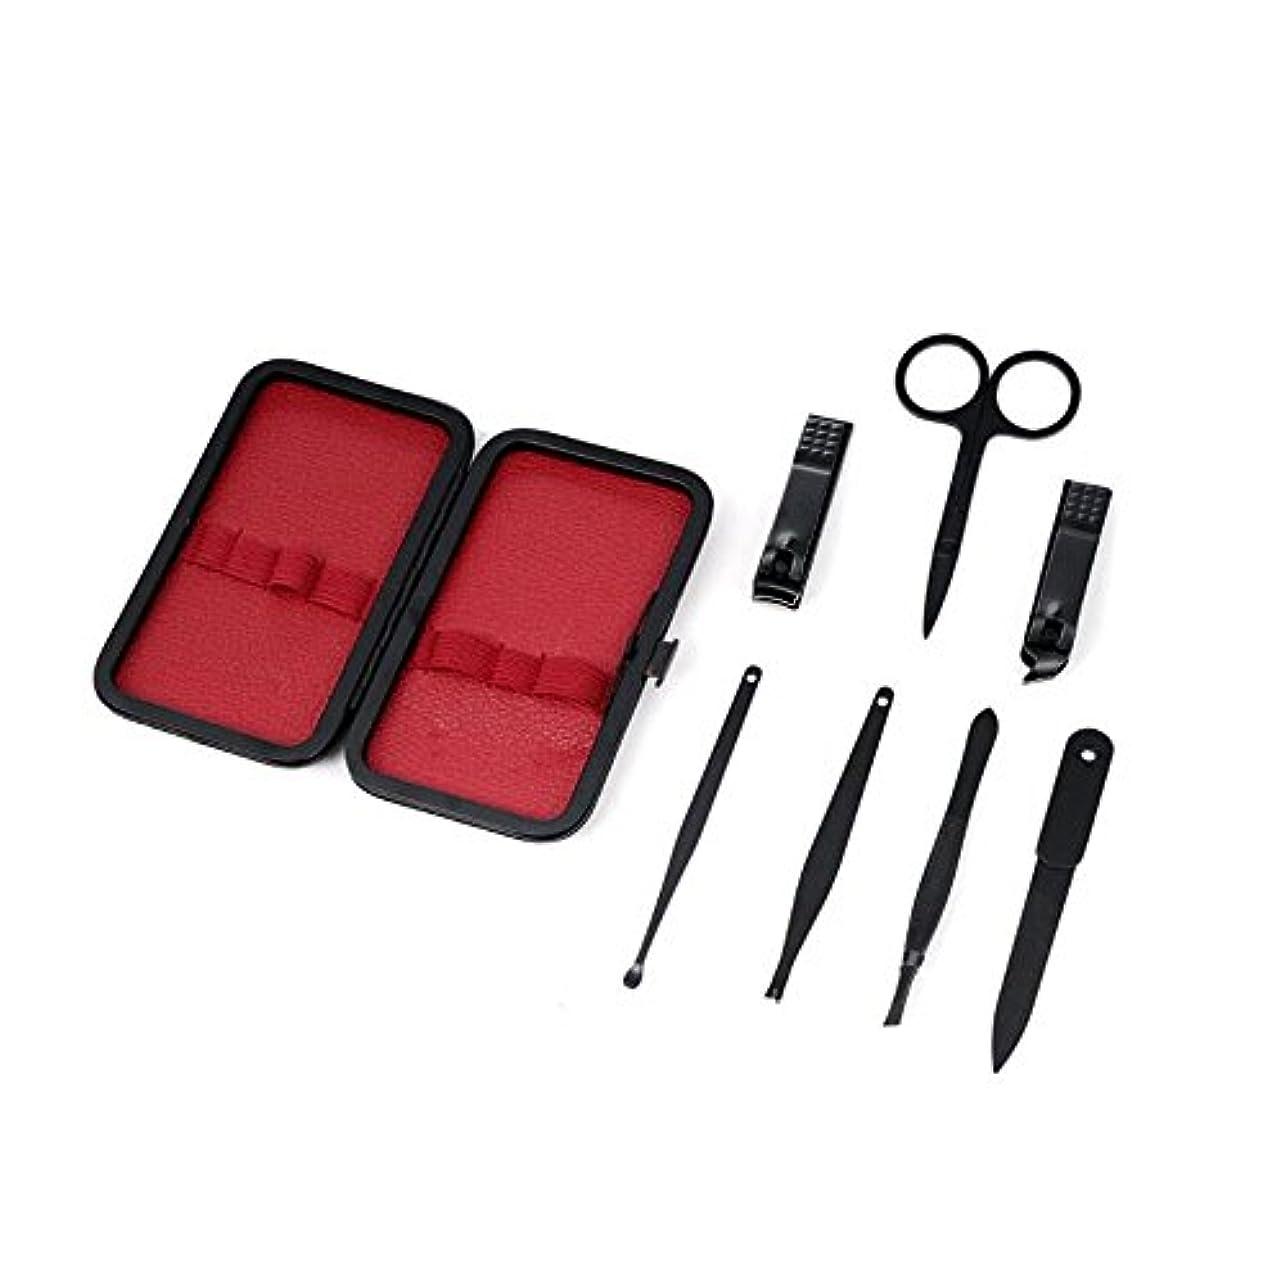 一部薬批判1stモール 爪切りセット 7点セット ネイルケア フルセット 携帯 便利 グルーミング キット ステンレス製 つめきり ST-BOYS2MEN